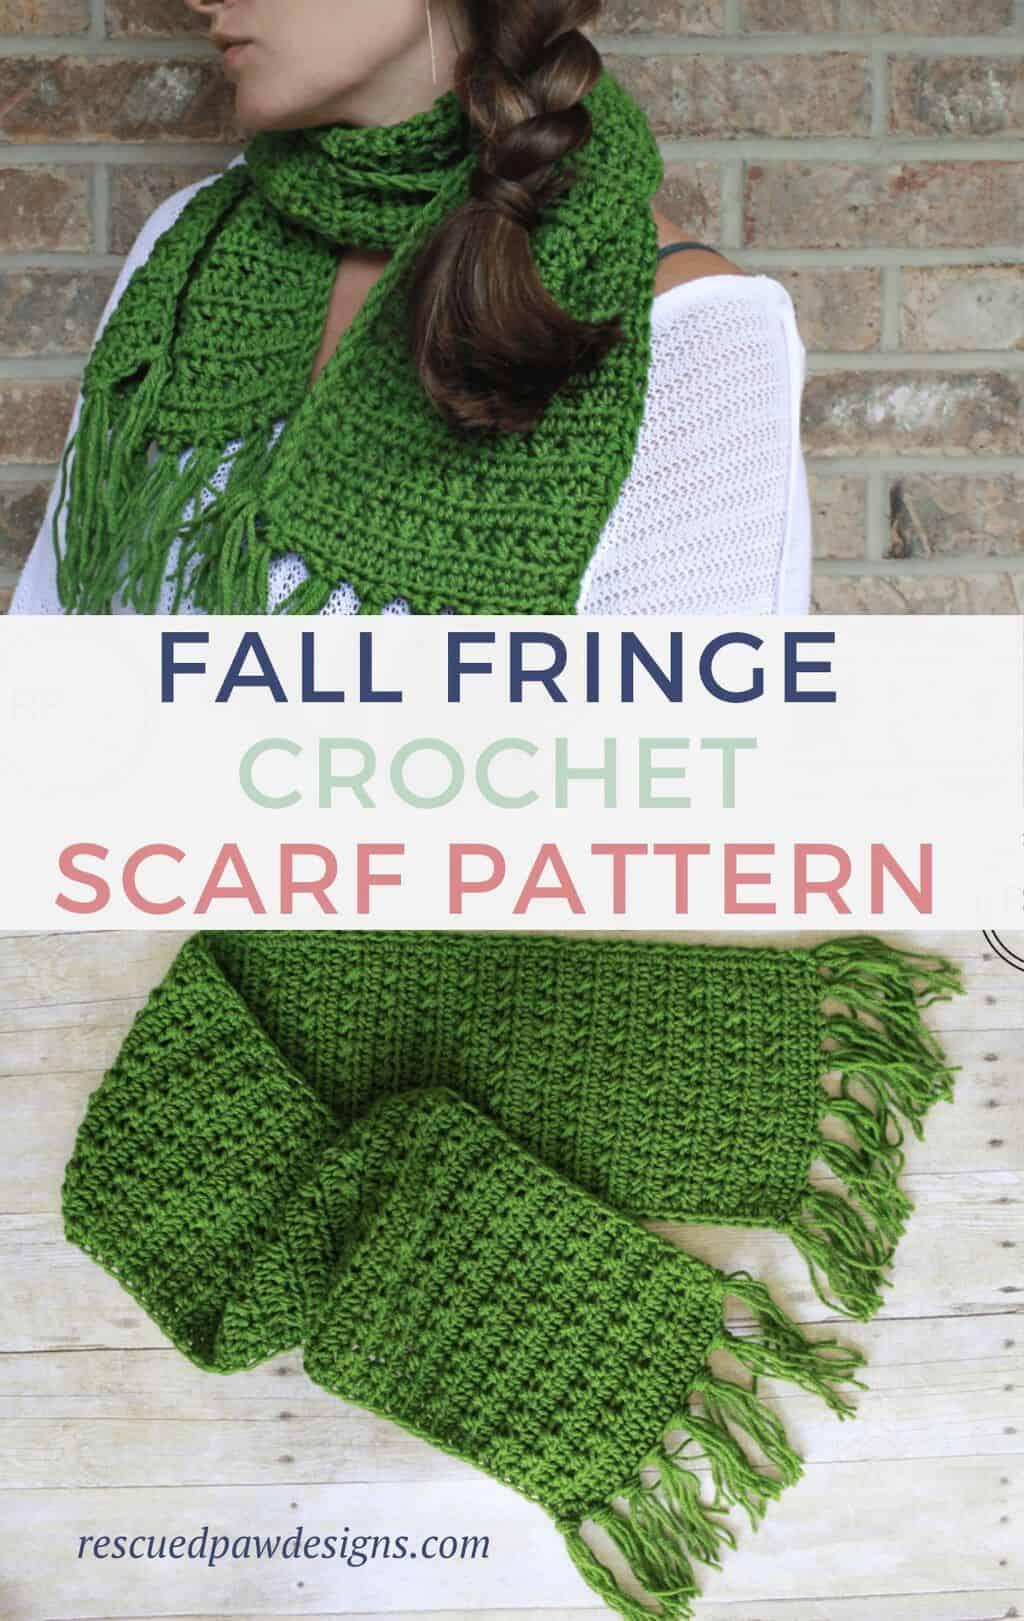 Fall Crochet Scarf Pattern